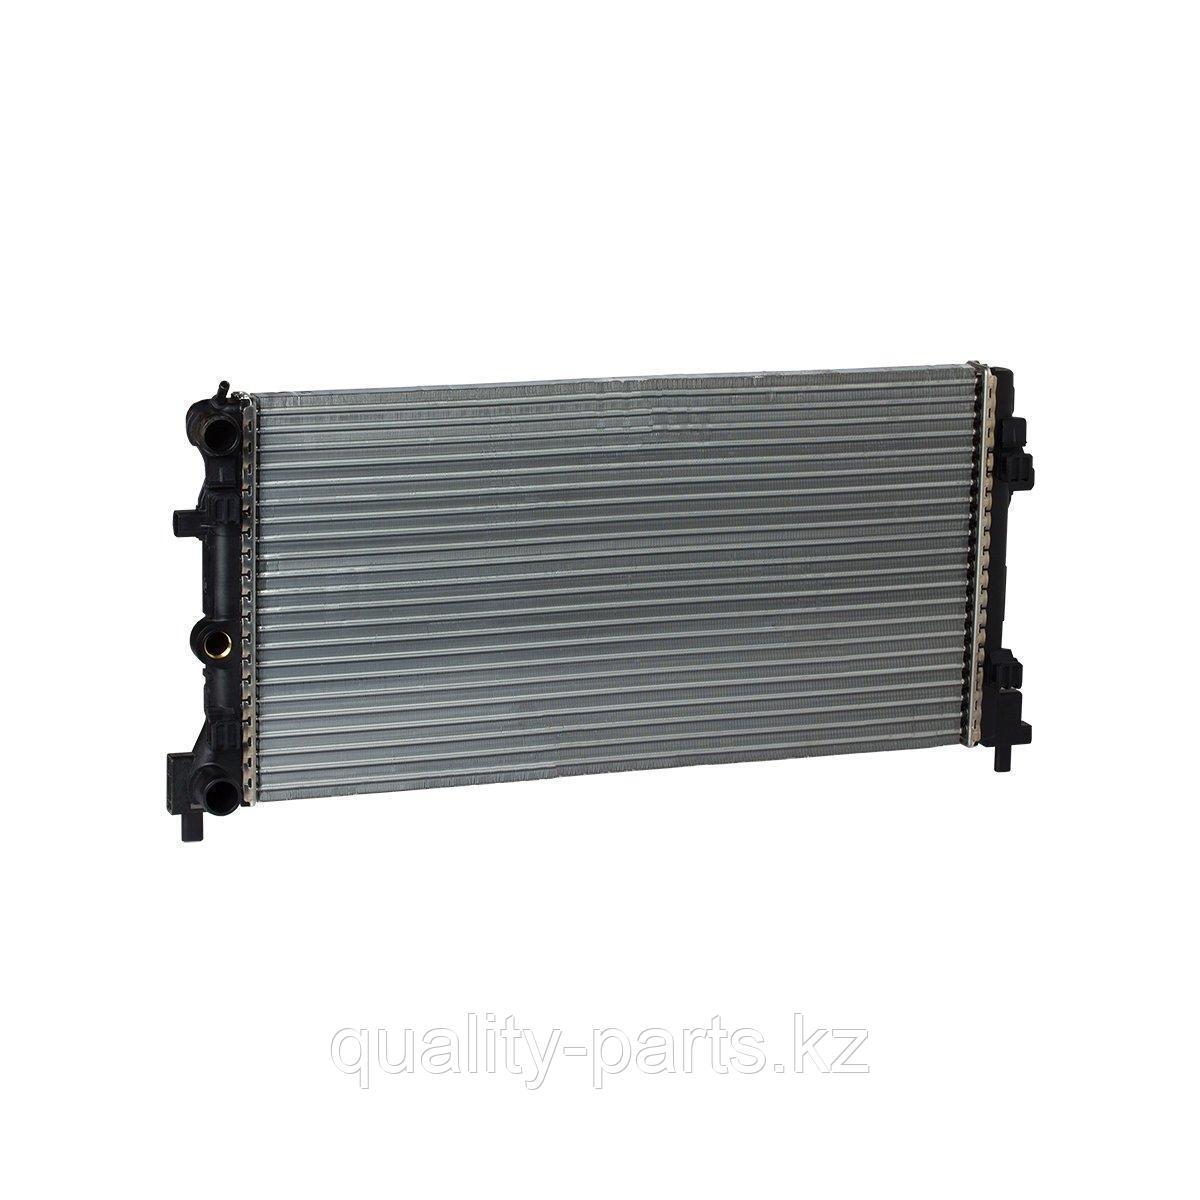 Радиатор (охлаждения, масляный) на Hitachi ZX370